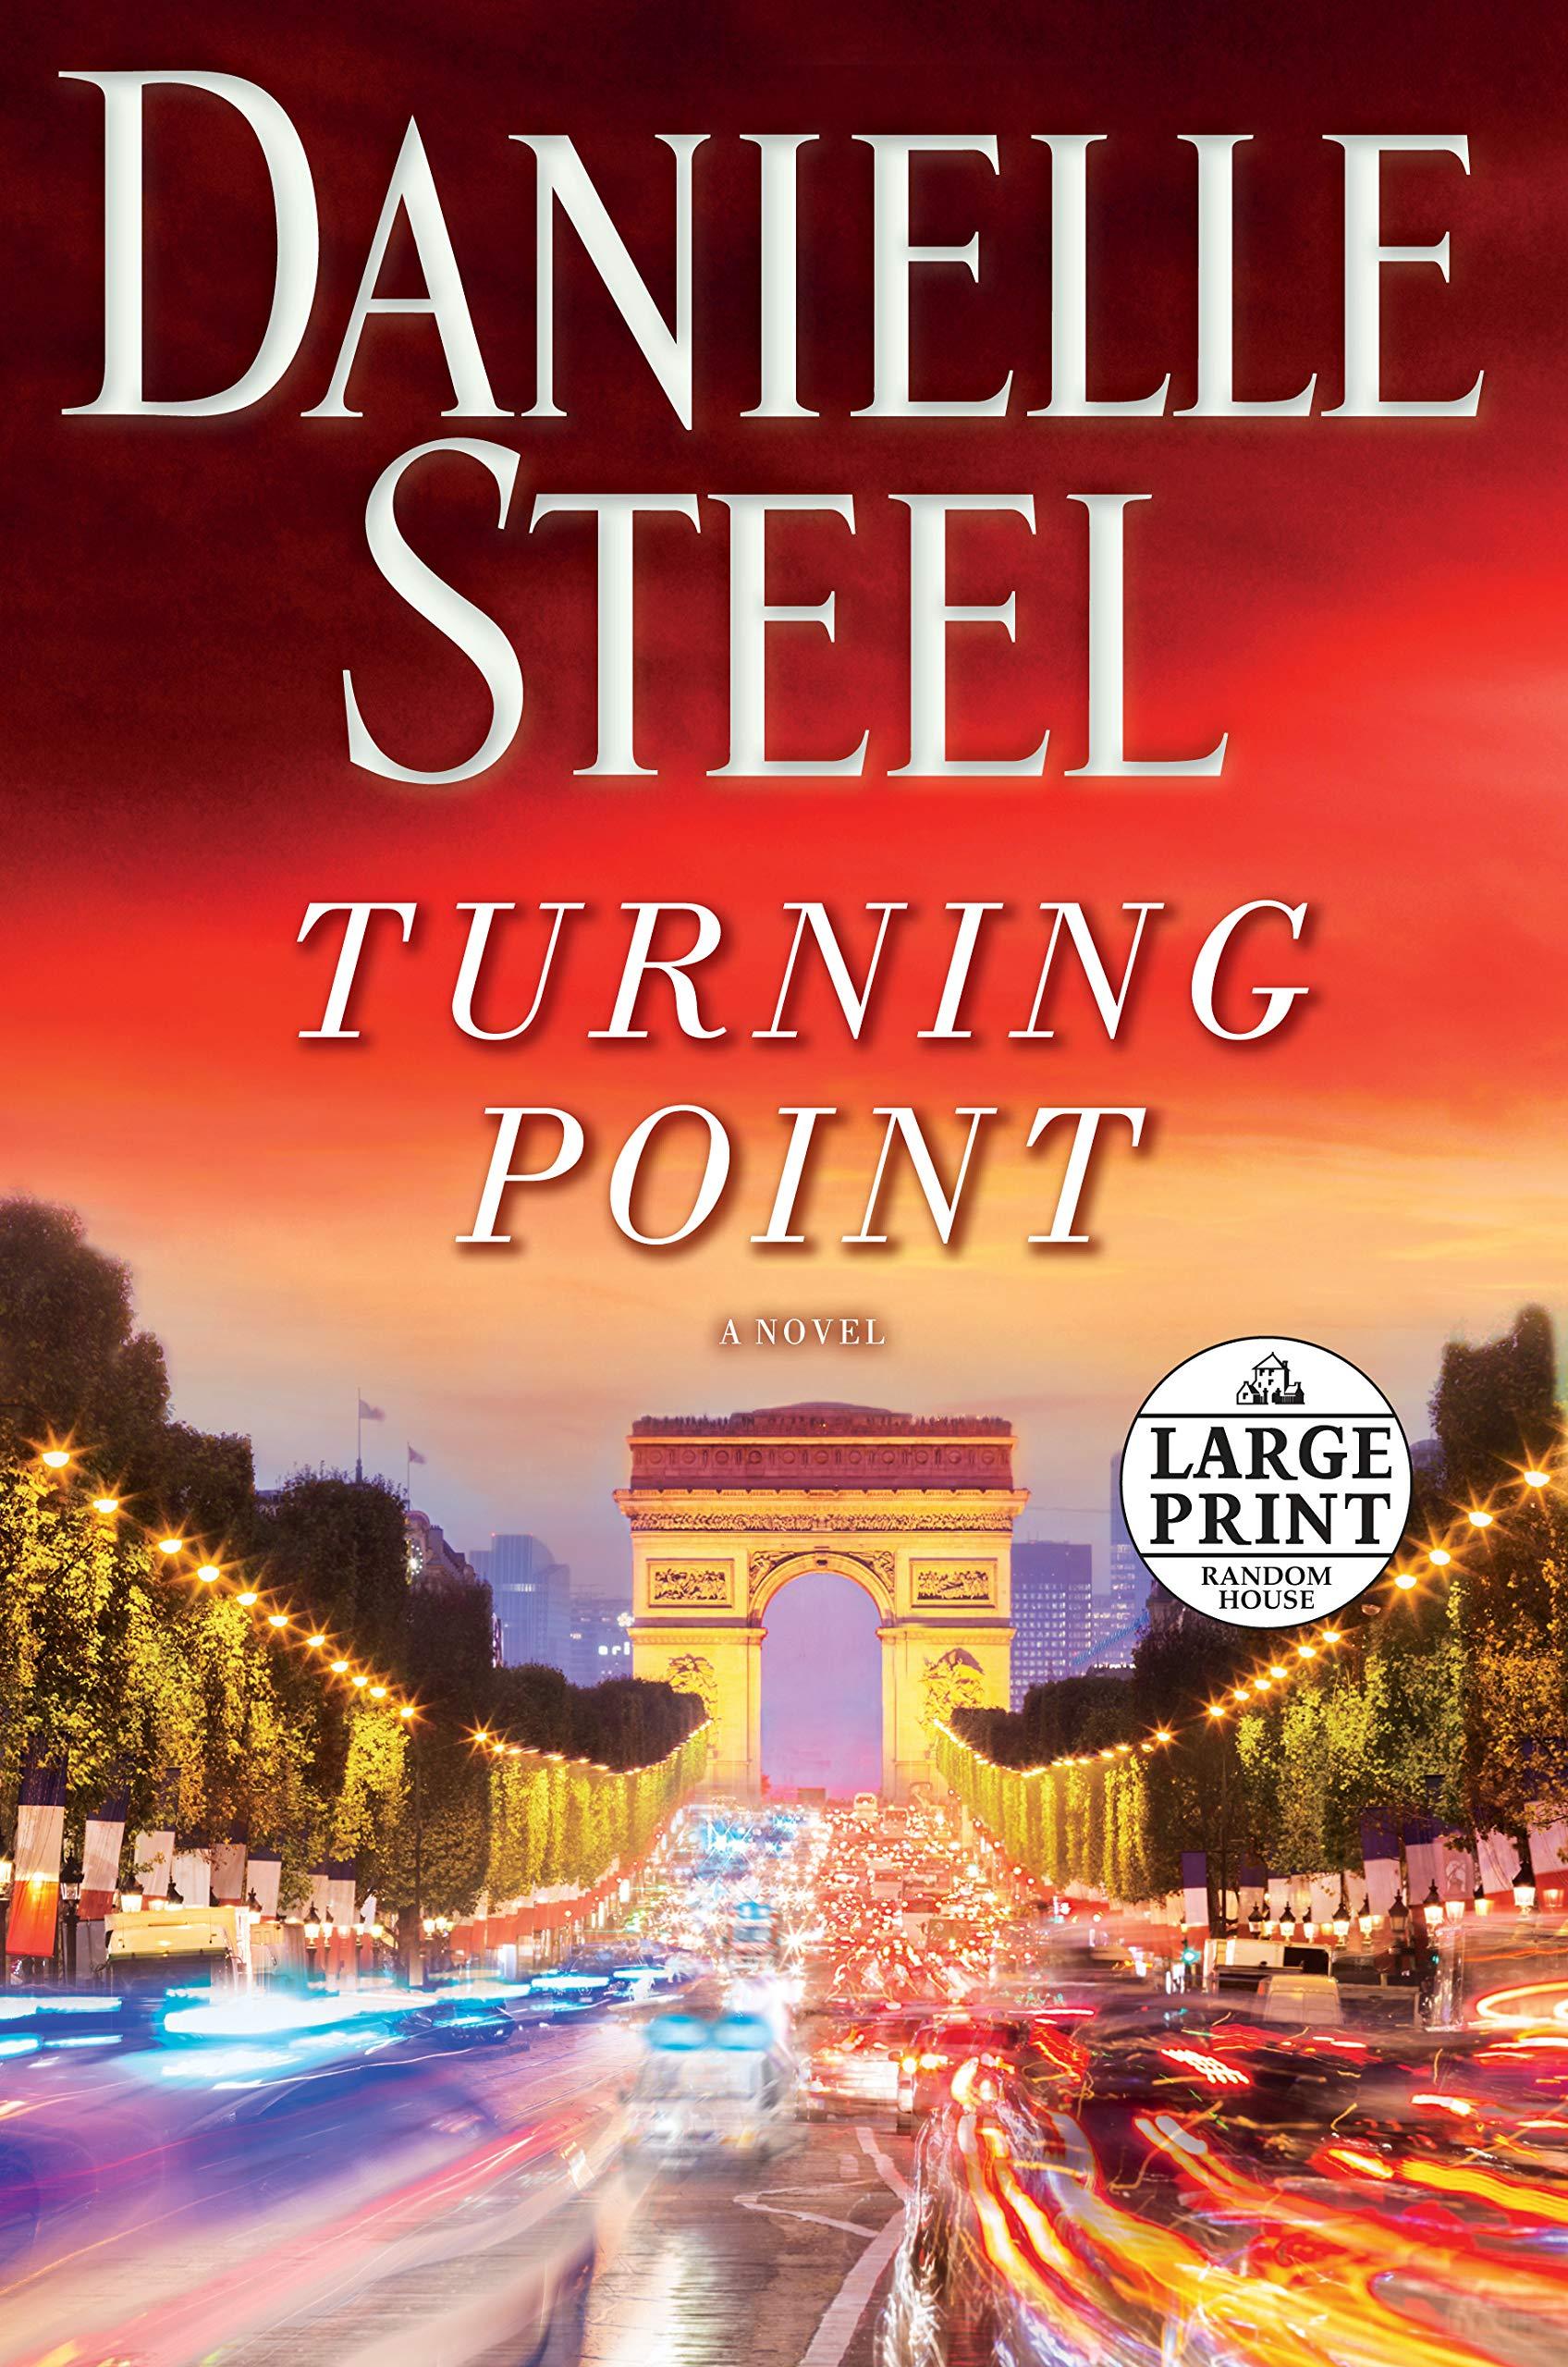 danielle steel new book release date